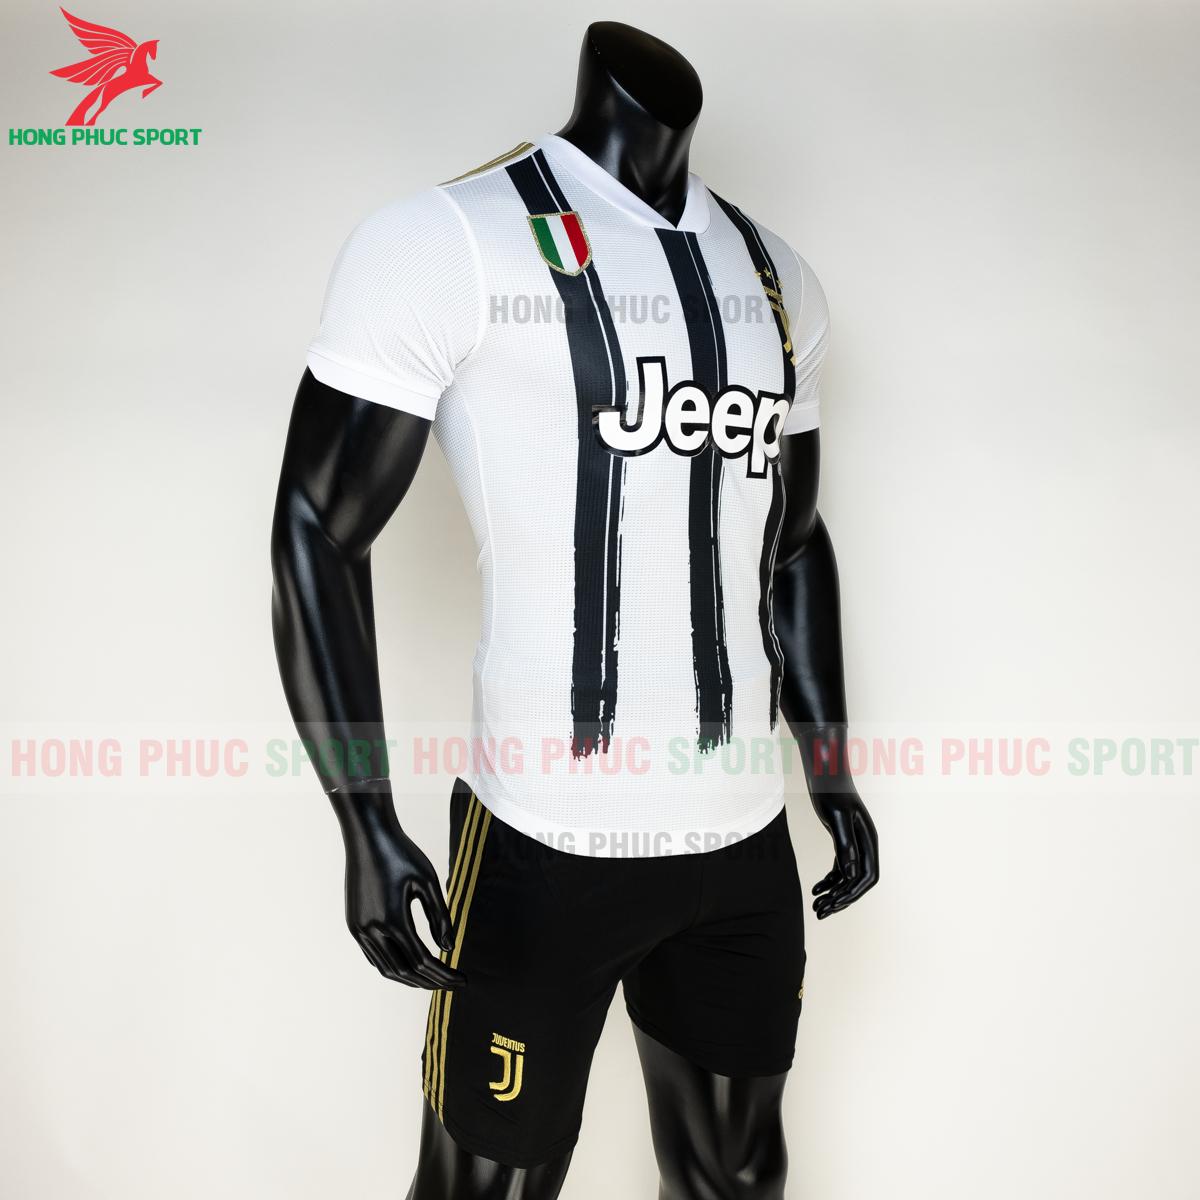 Áo đấu Juventus 2020 sân nhà mẫu 2 hàng Thailand (phải)